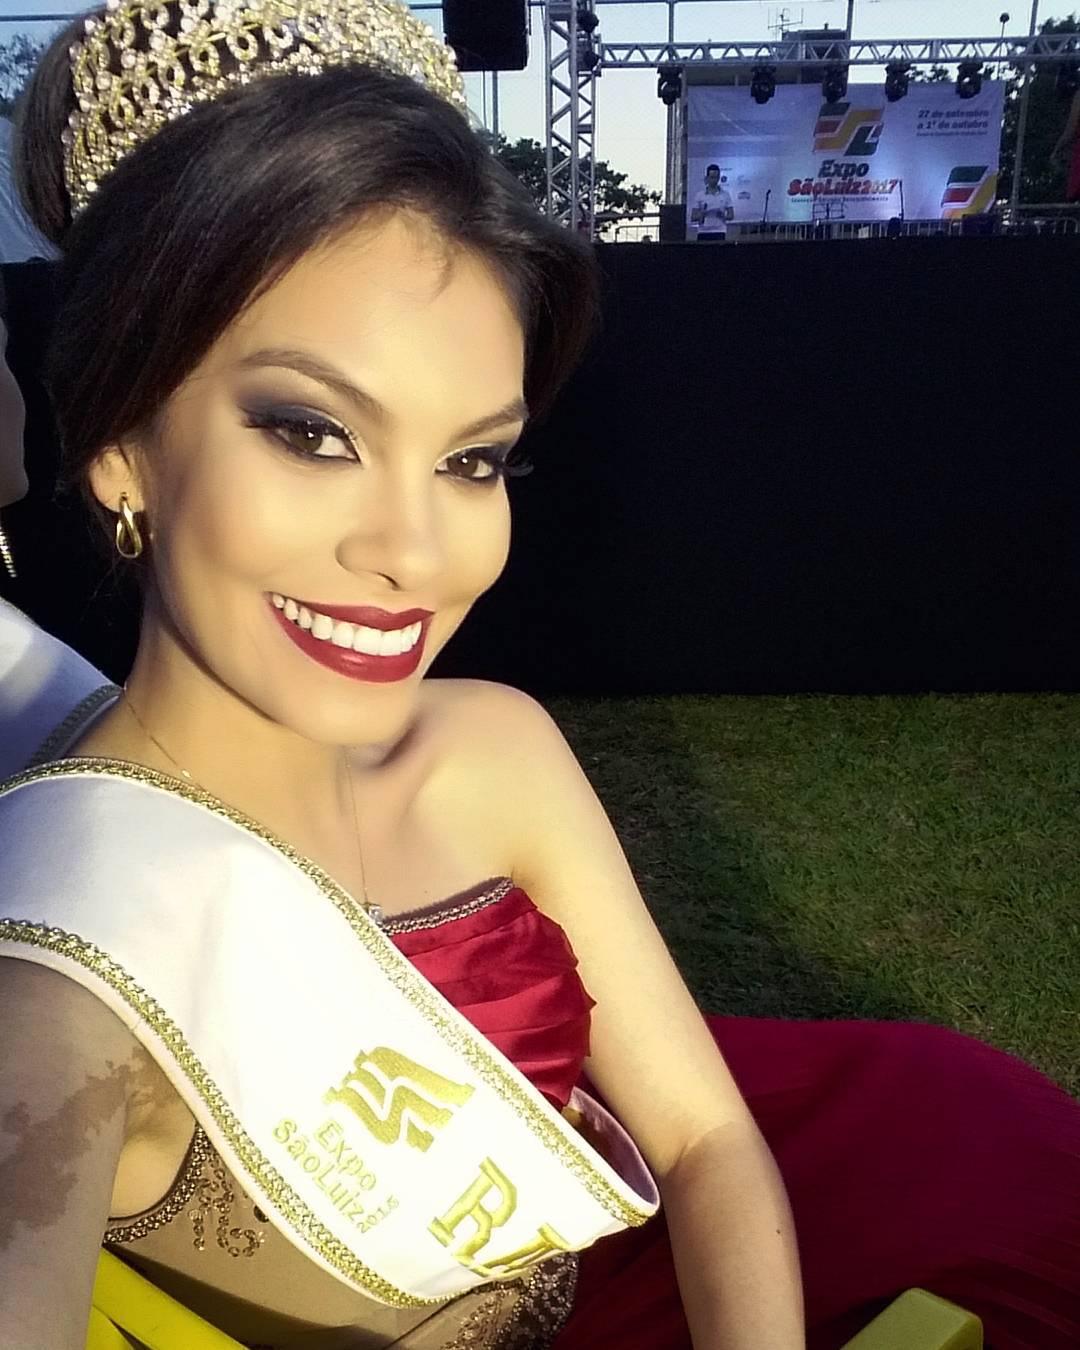 muriel prestes, top 16 de miss brasil mundo 2016. 3xleegu7